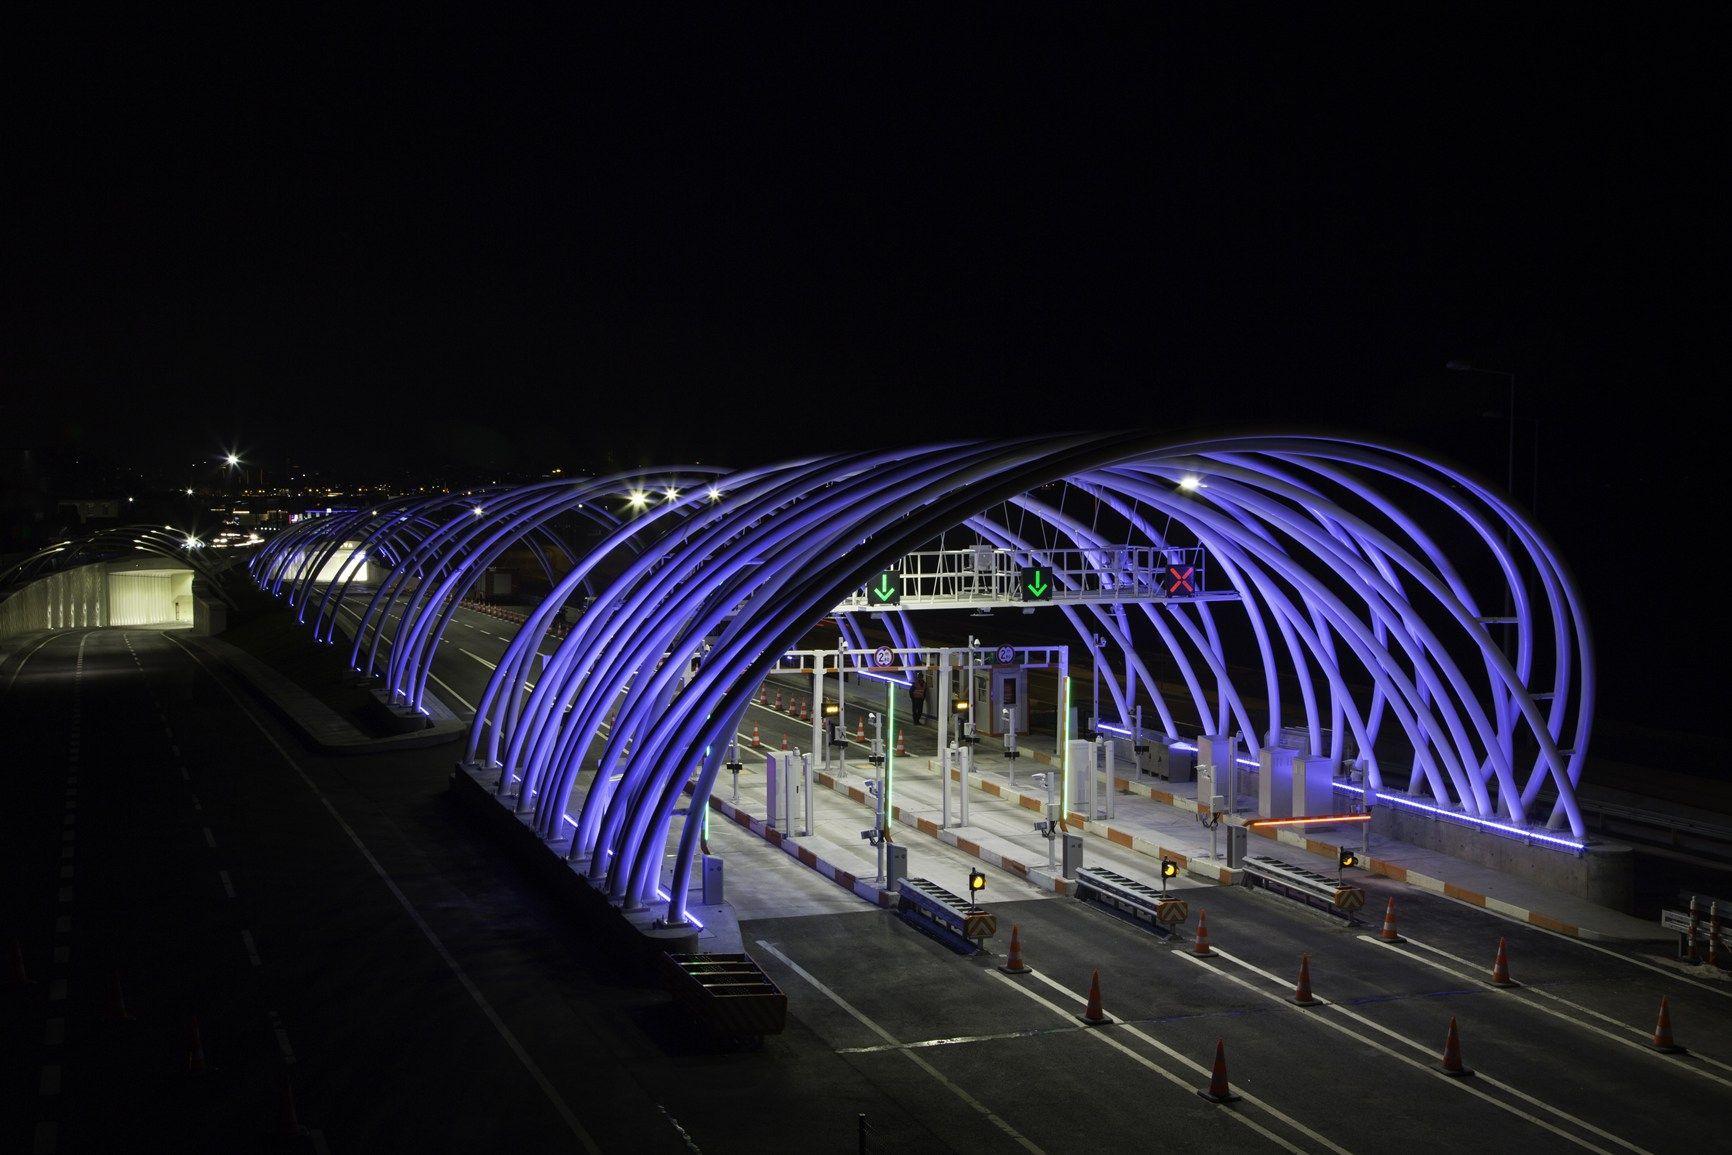 Iguzzini illumina eurasia tunnel a istanbul